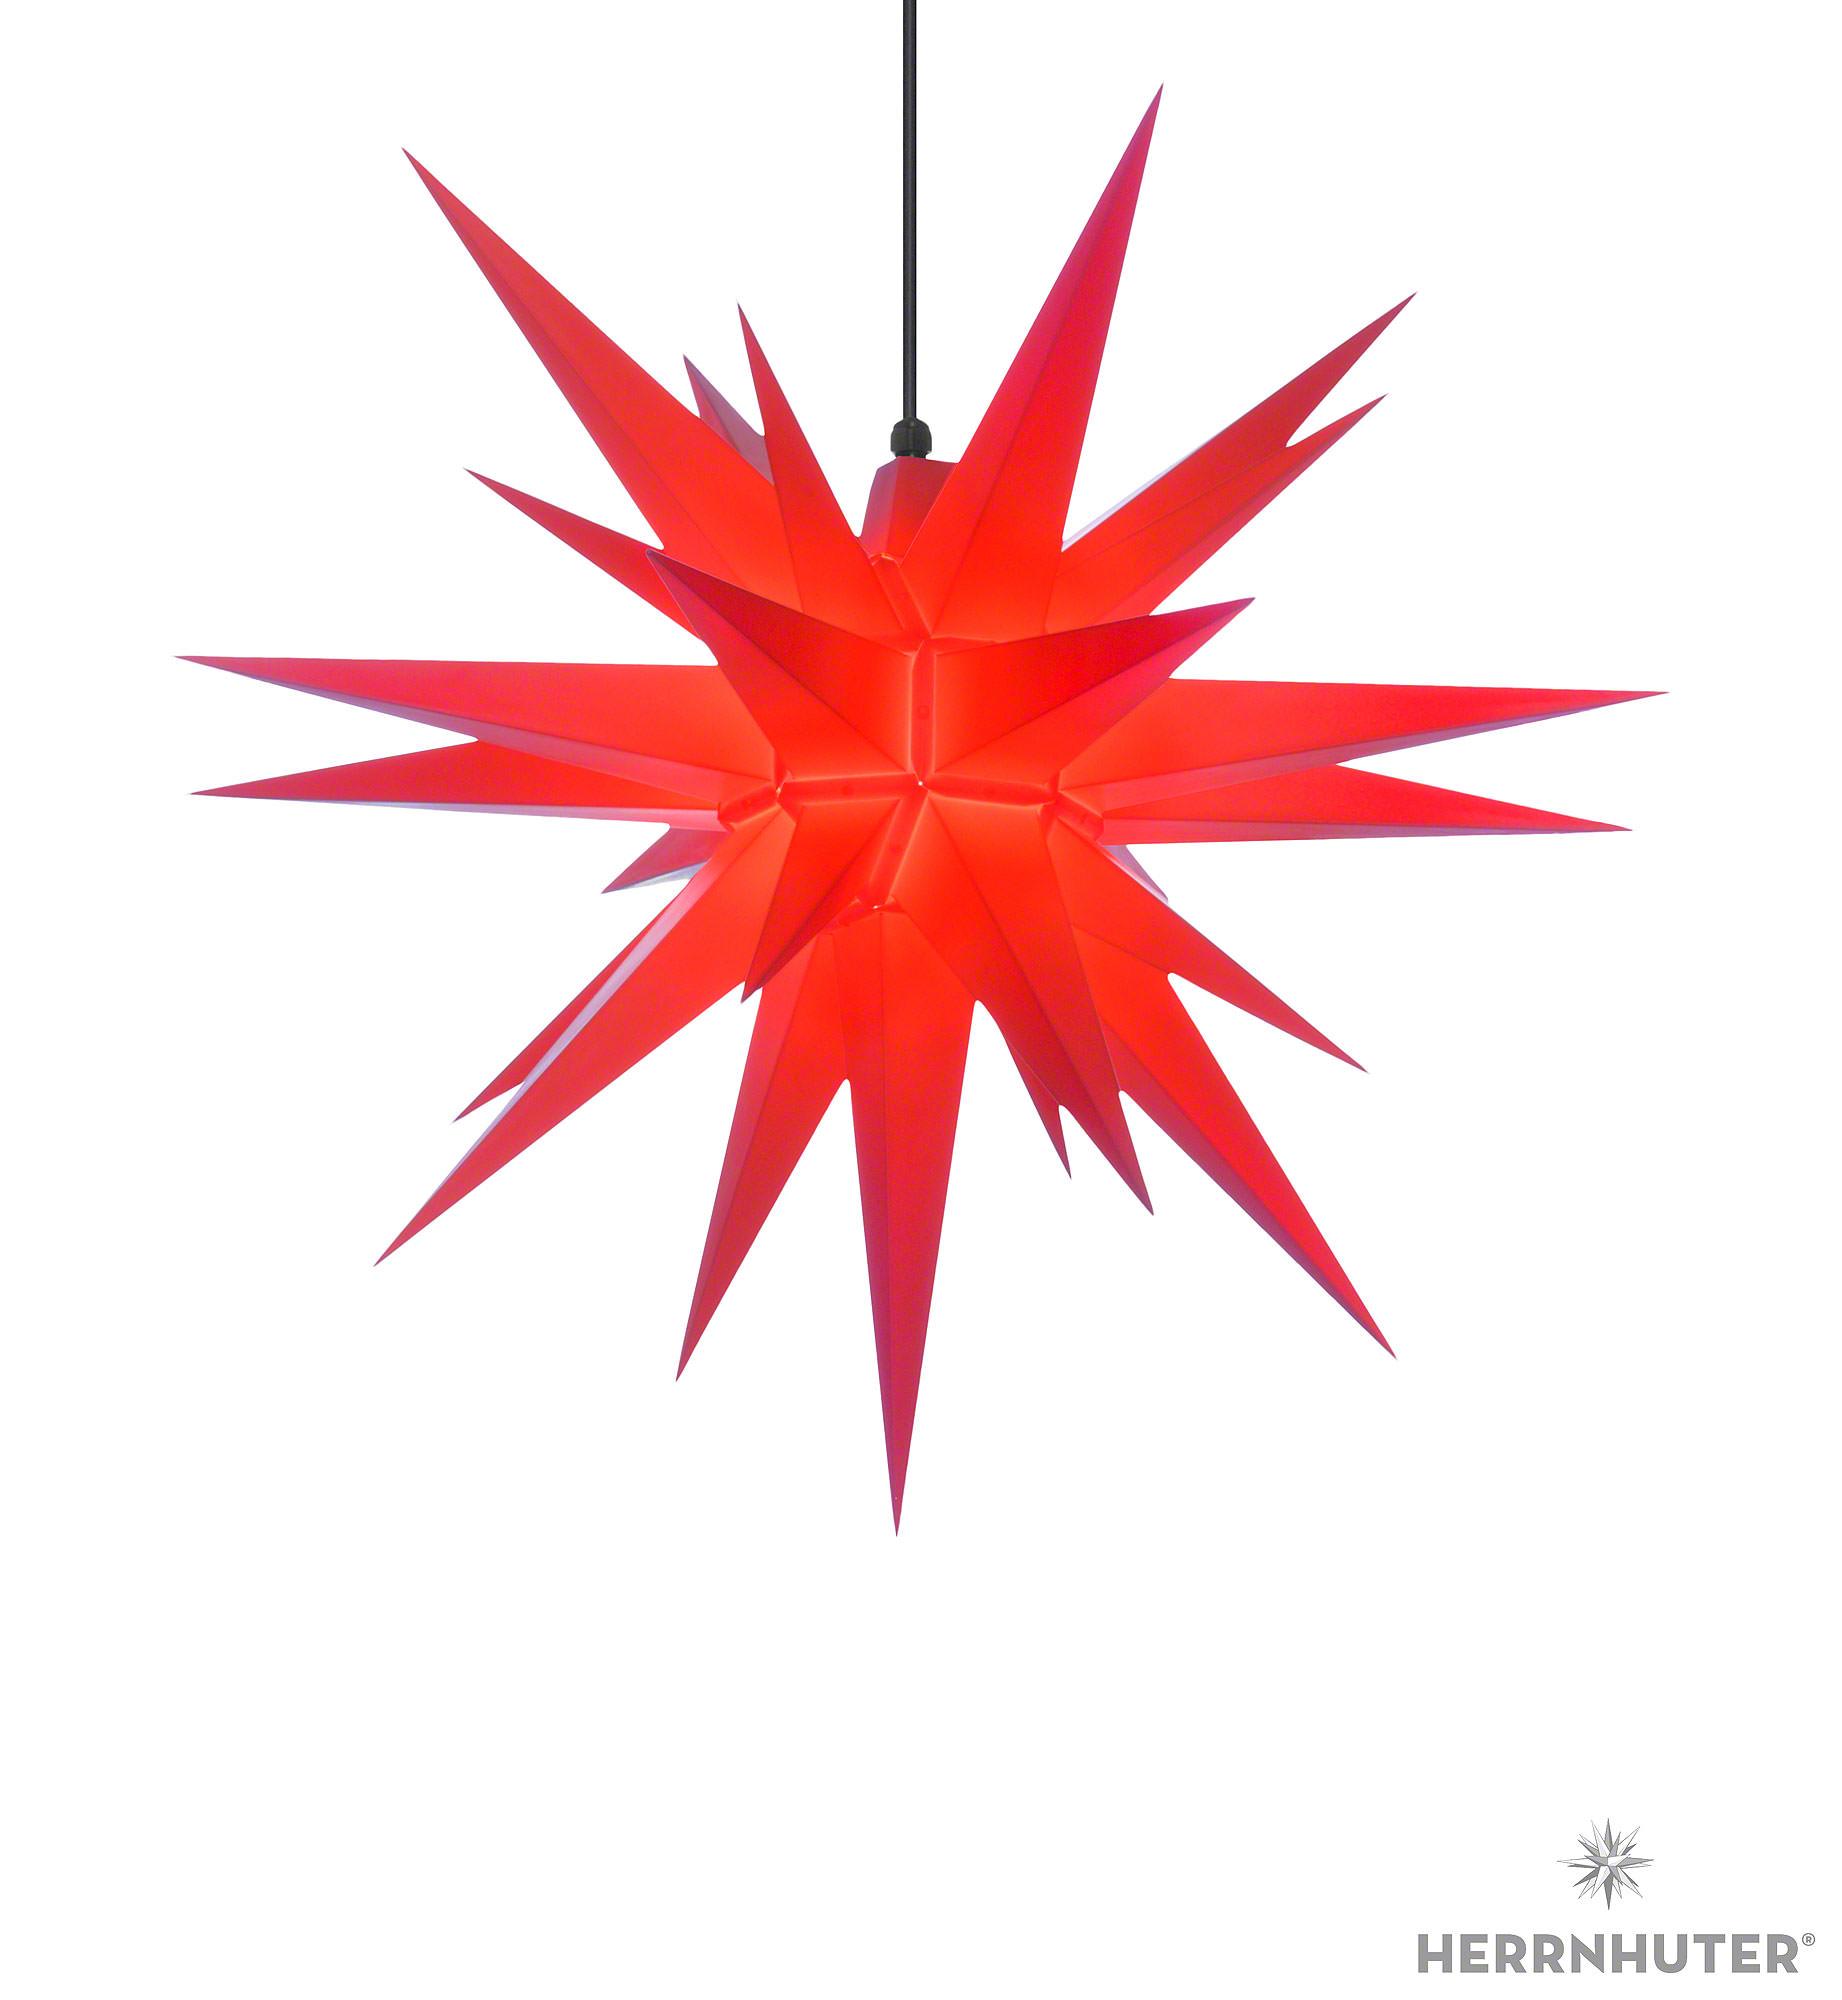 herrnhuter stern a7 rot kunststoff 68 cm von herrnhuter sterne. Black Bedroom Furniture Sets. Home Design Ideas